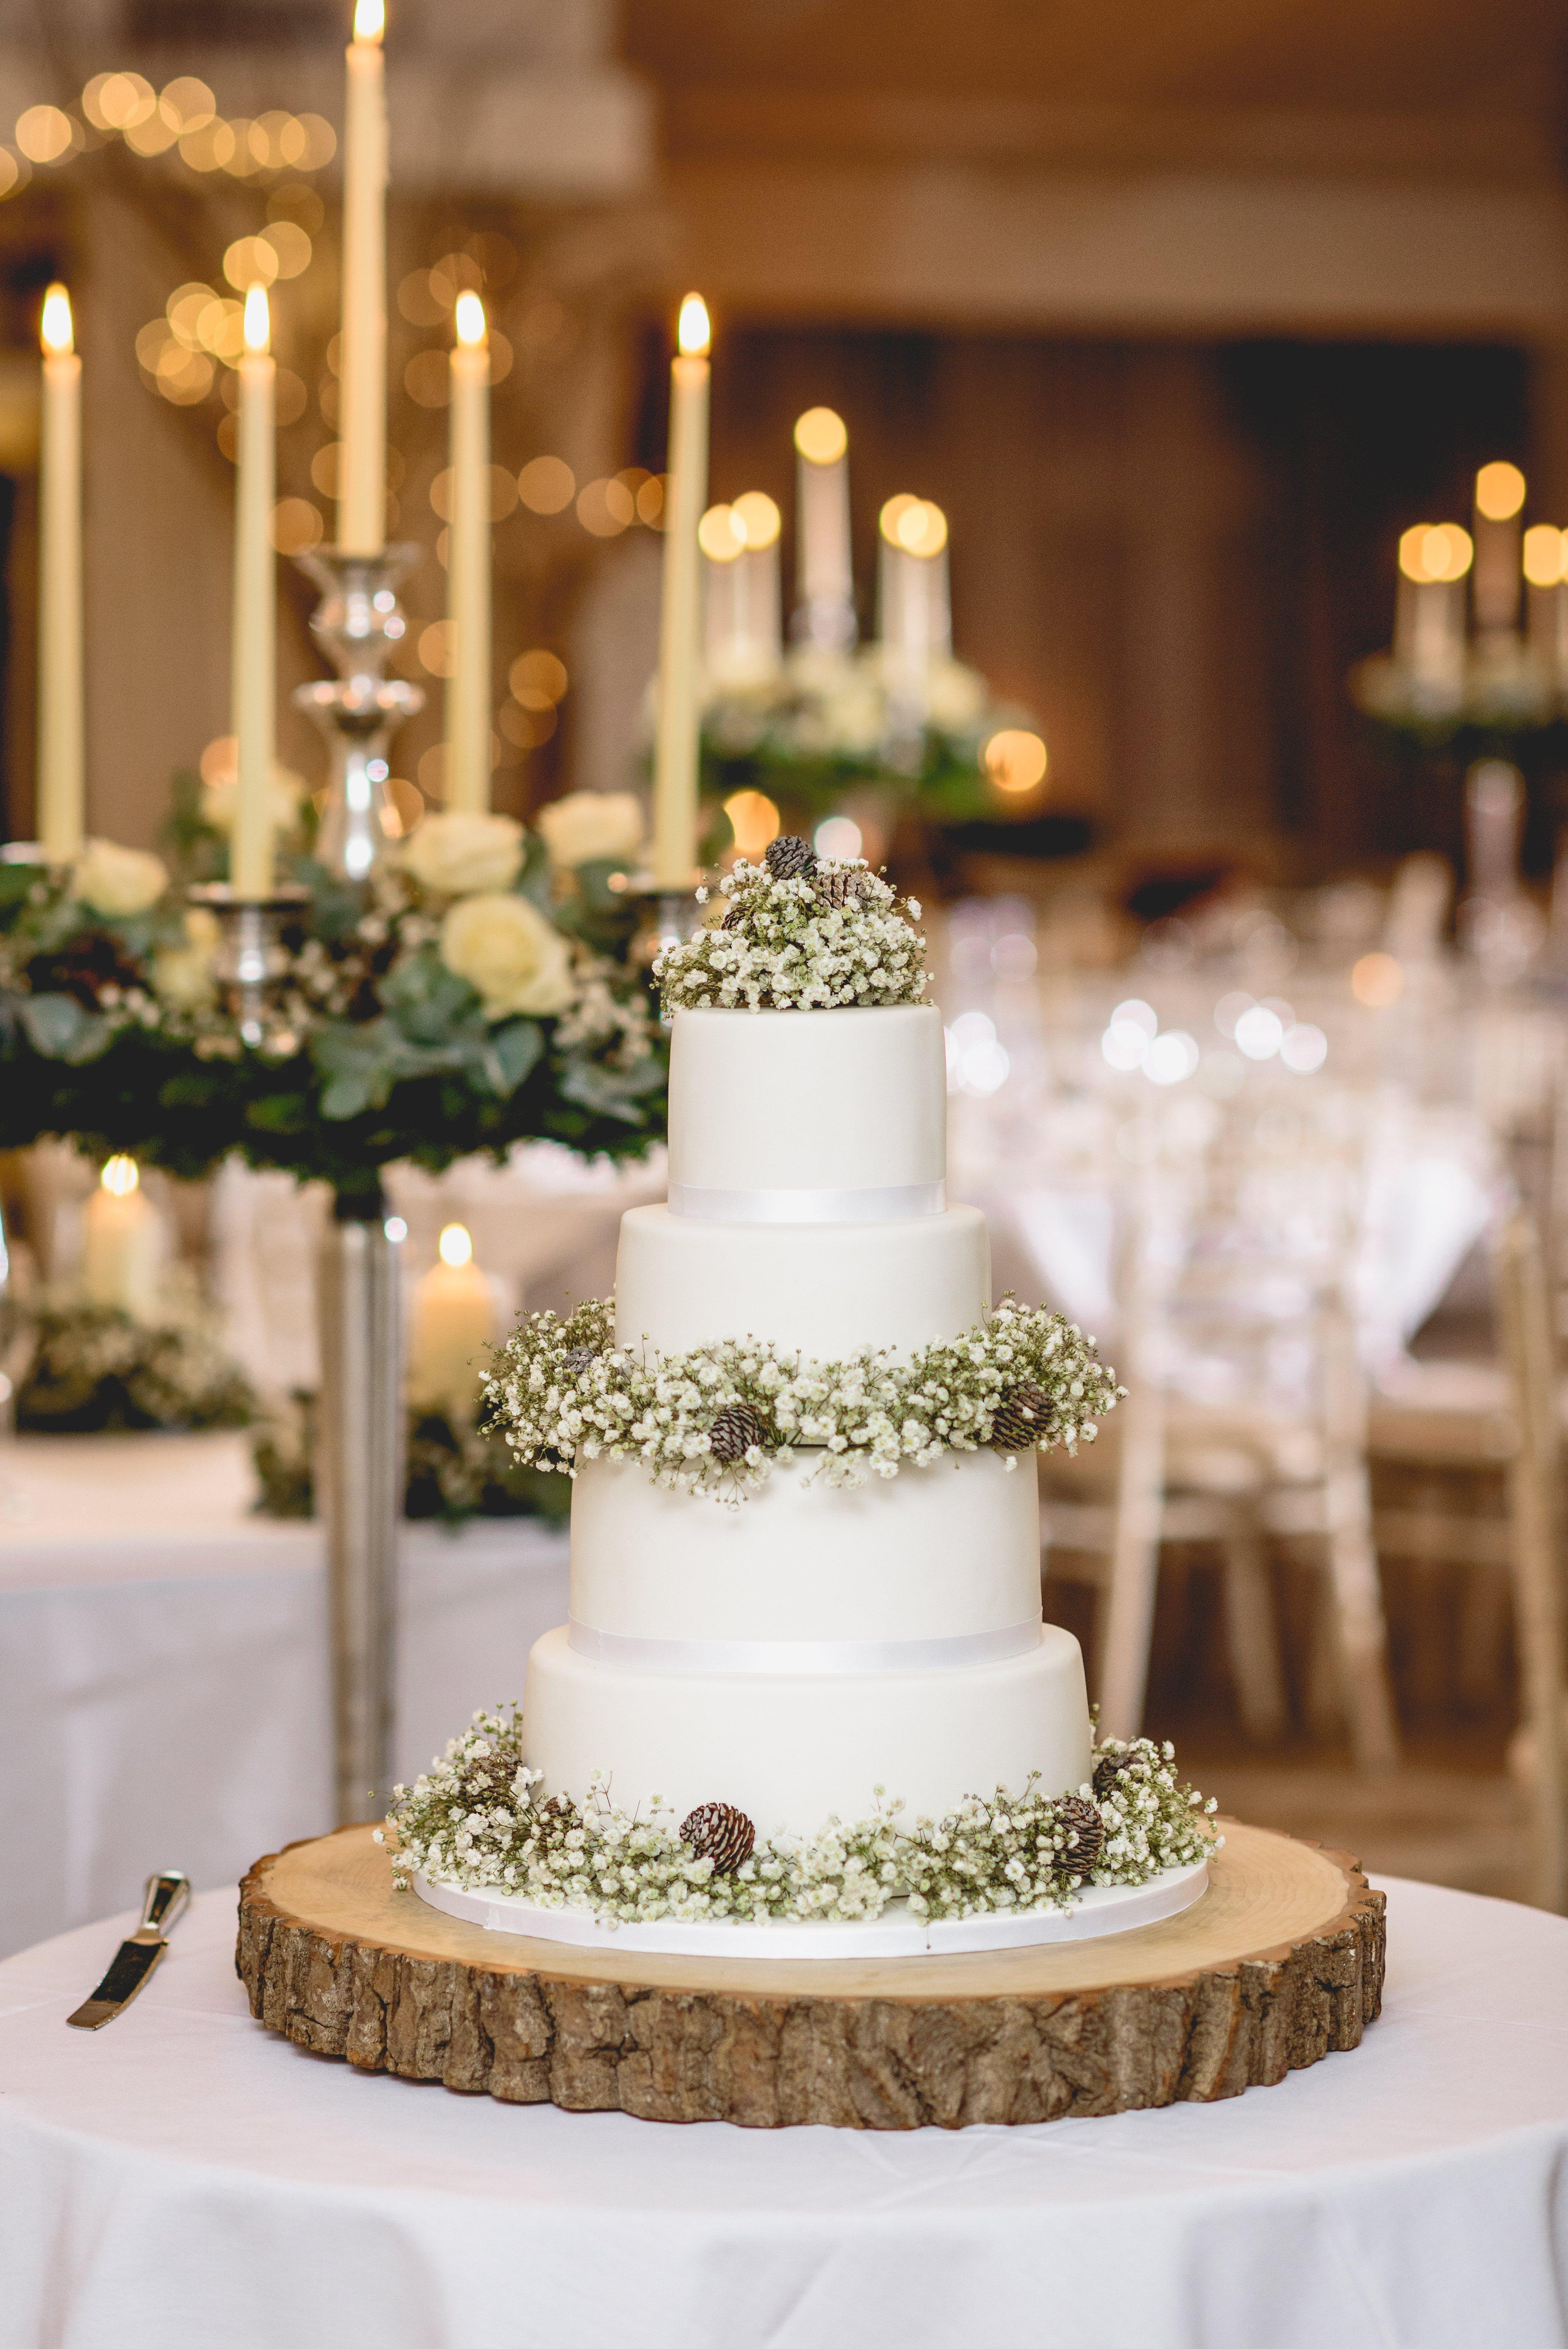 Gypsophilia & Cones Wedding Cake